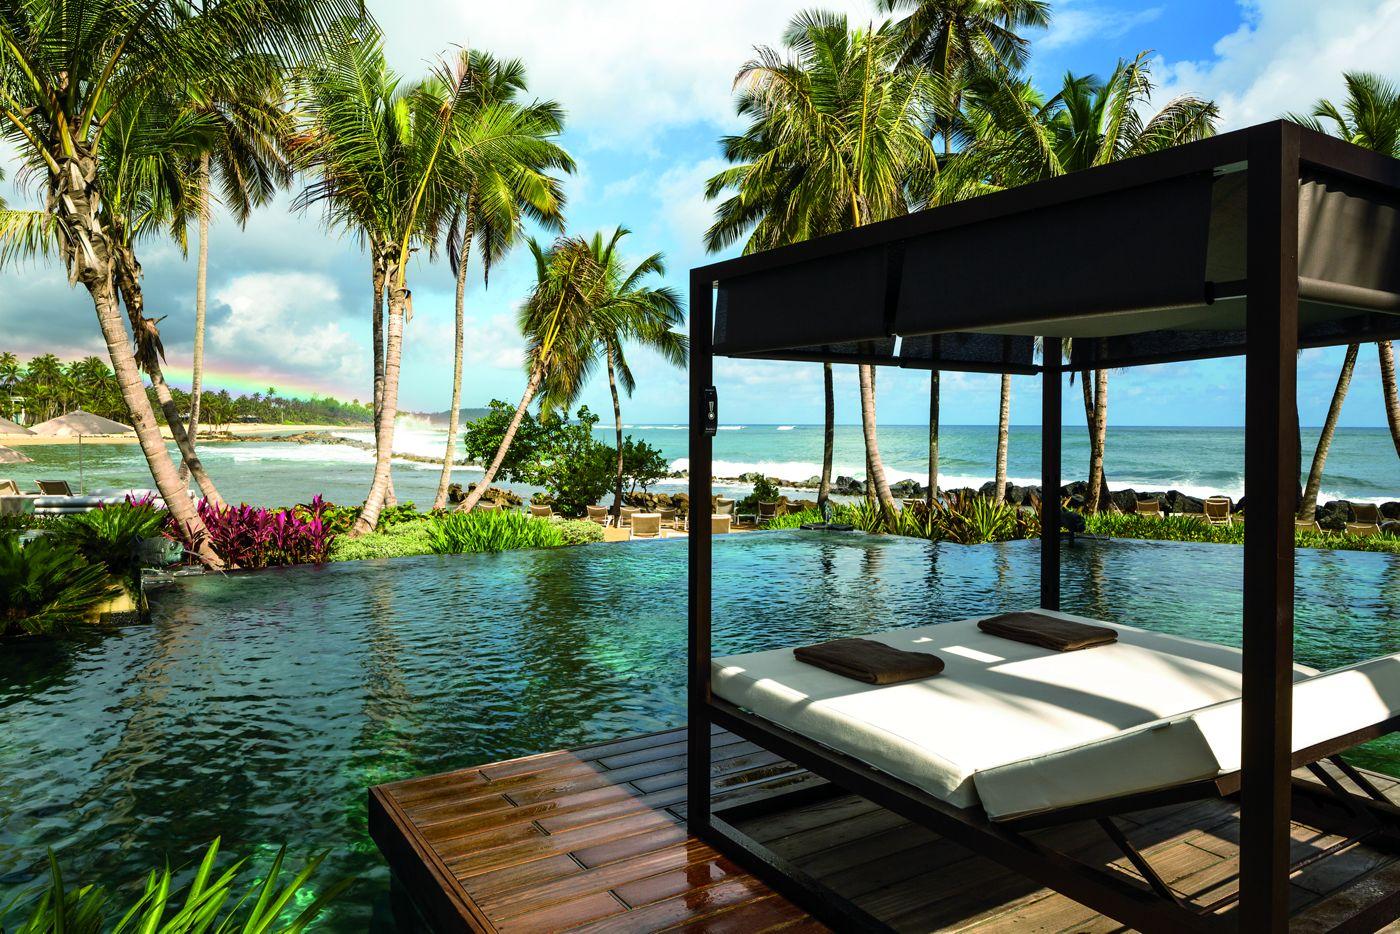 The Ritz Carlton alista la apertura de un hotel de lujo en Riviera Nayarit